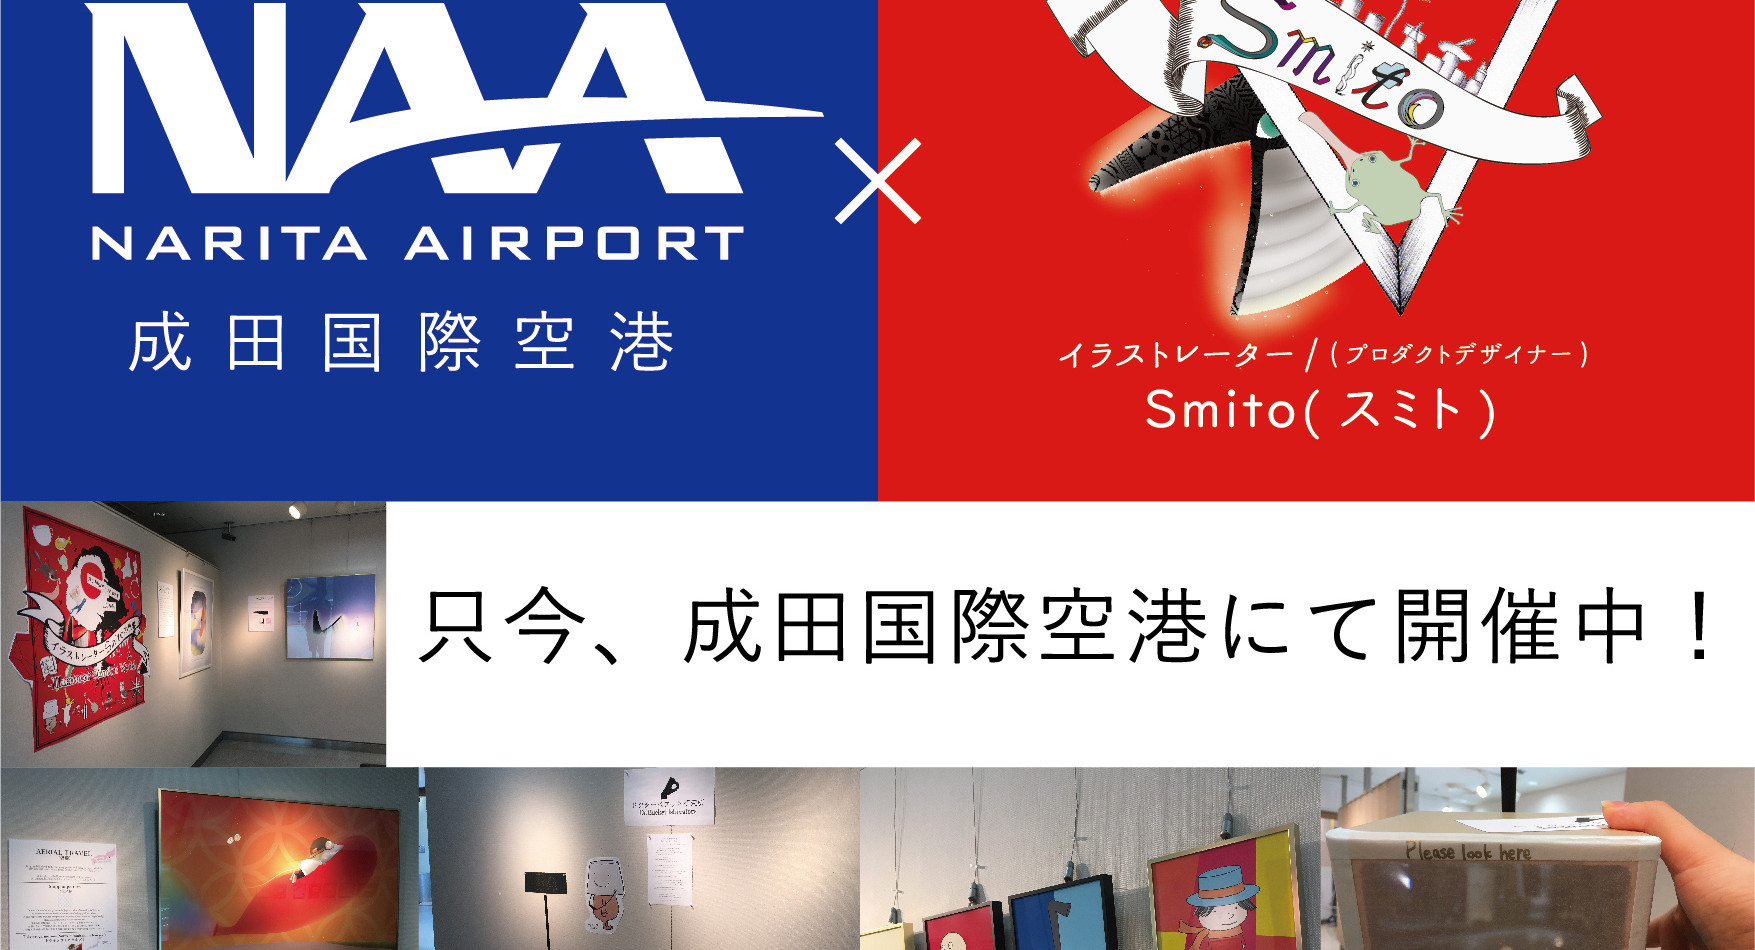 A4宣伝用2.jpg